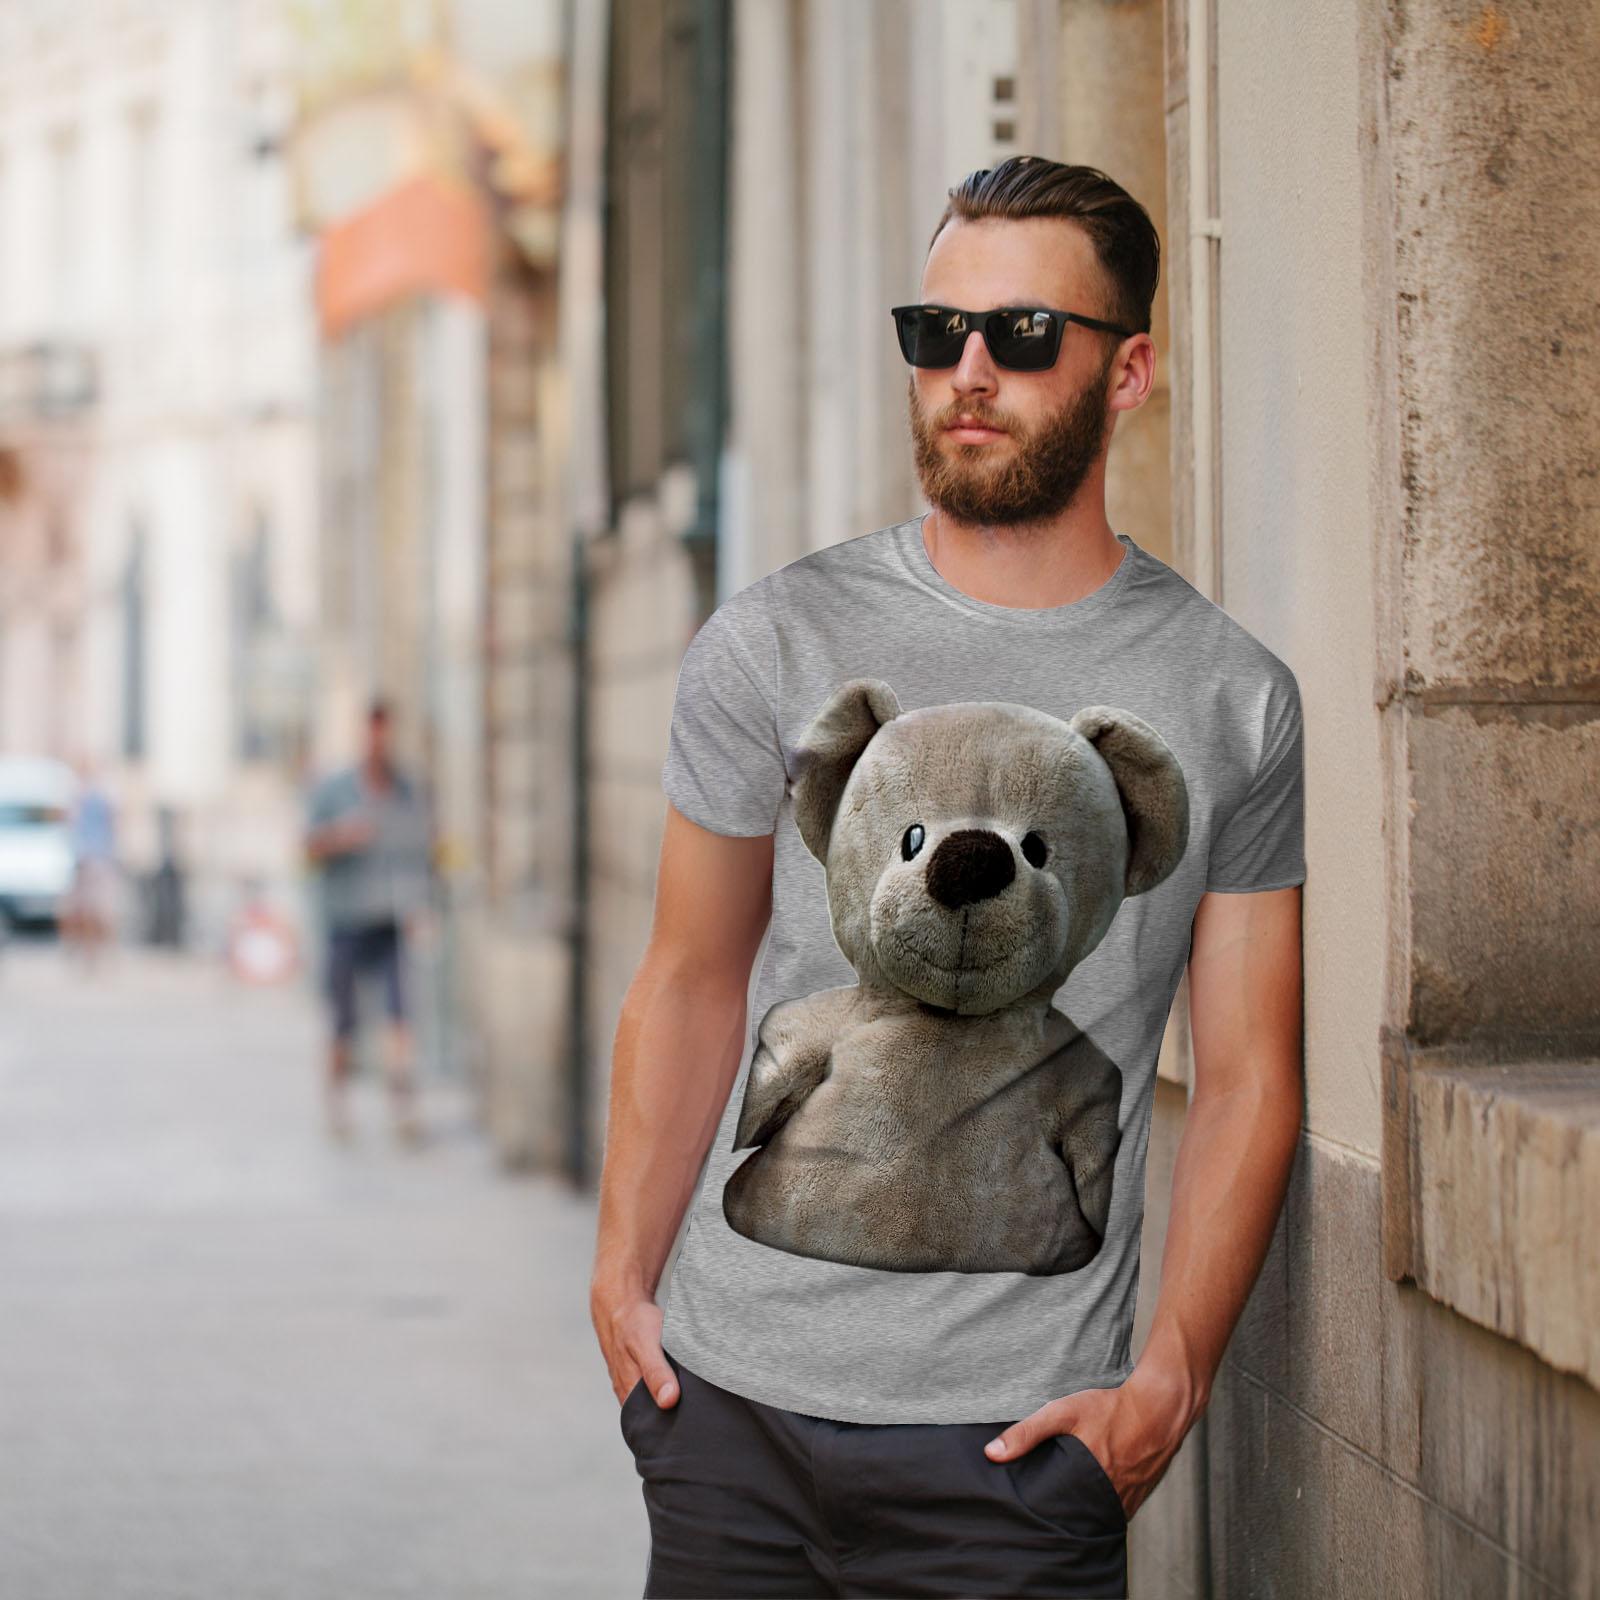 miniature 17 - Wellcoda Cute Plush Mens T-shirt, Teddy Bear Graphic Design Printed Tee